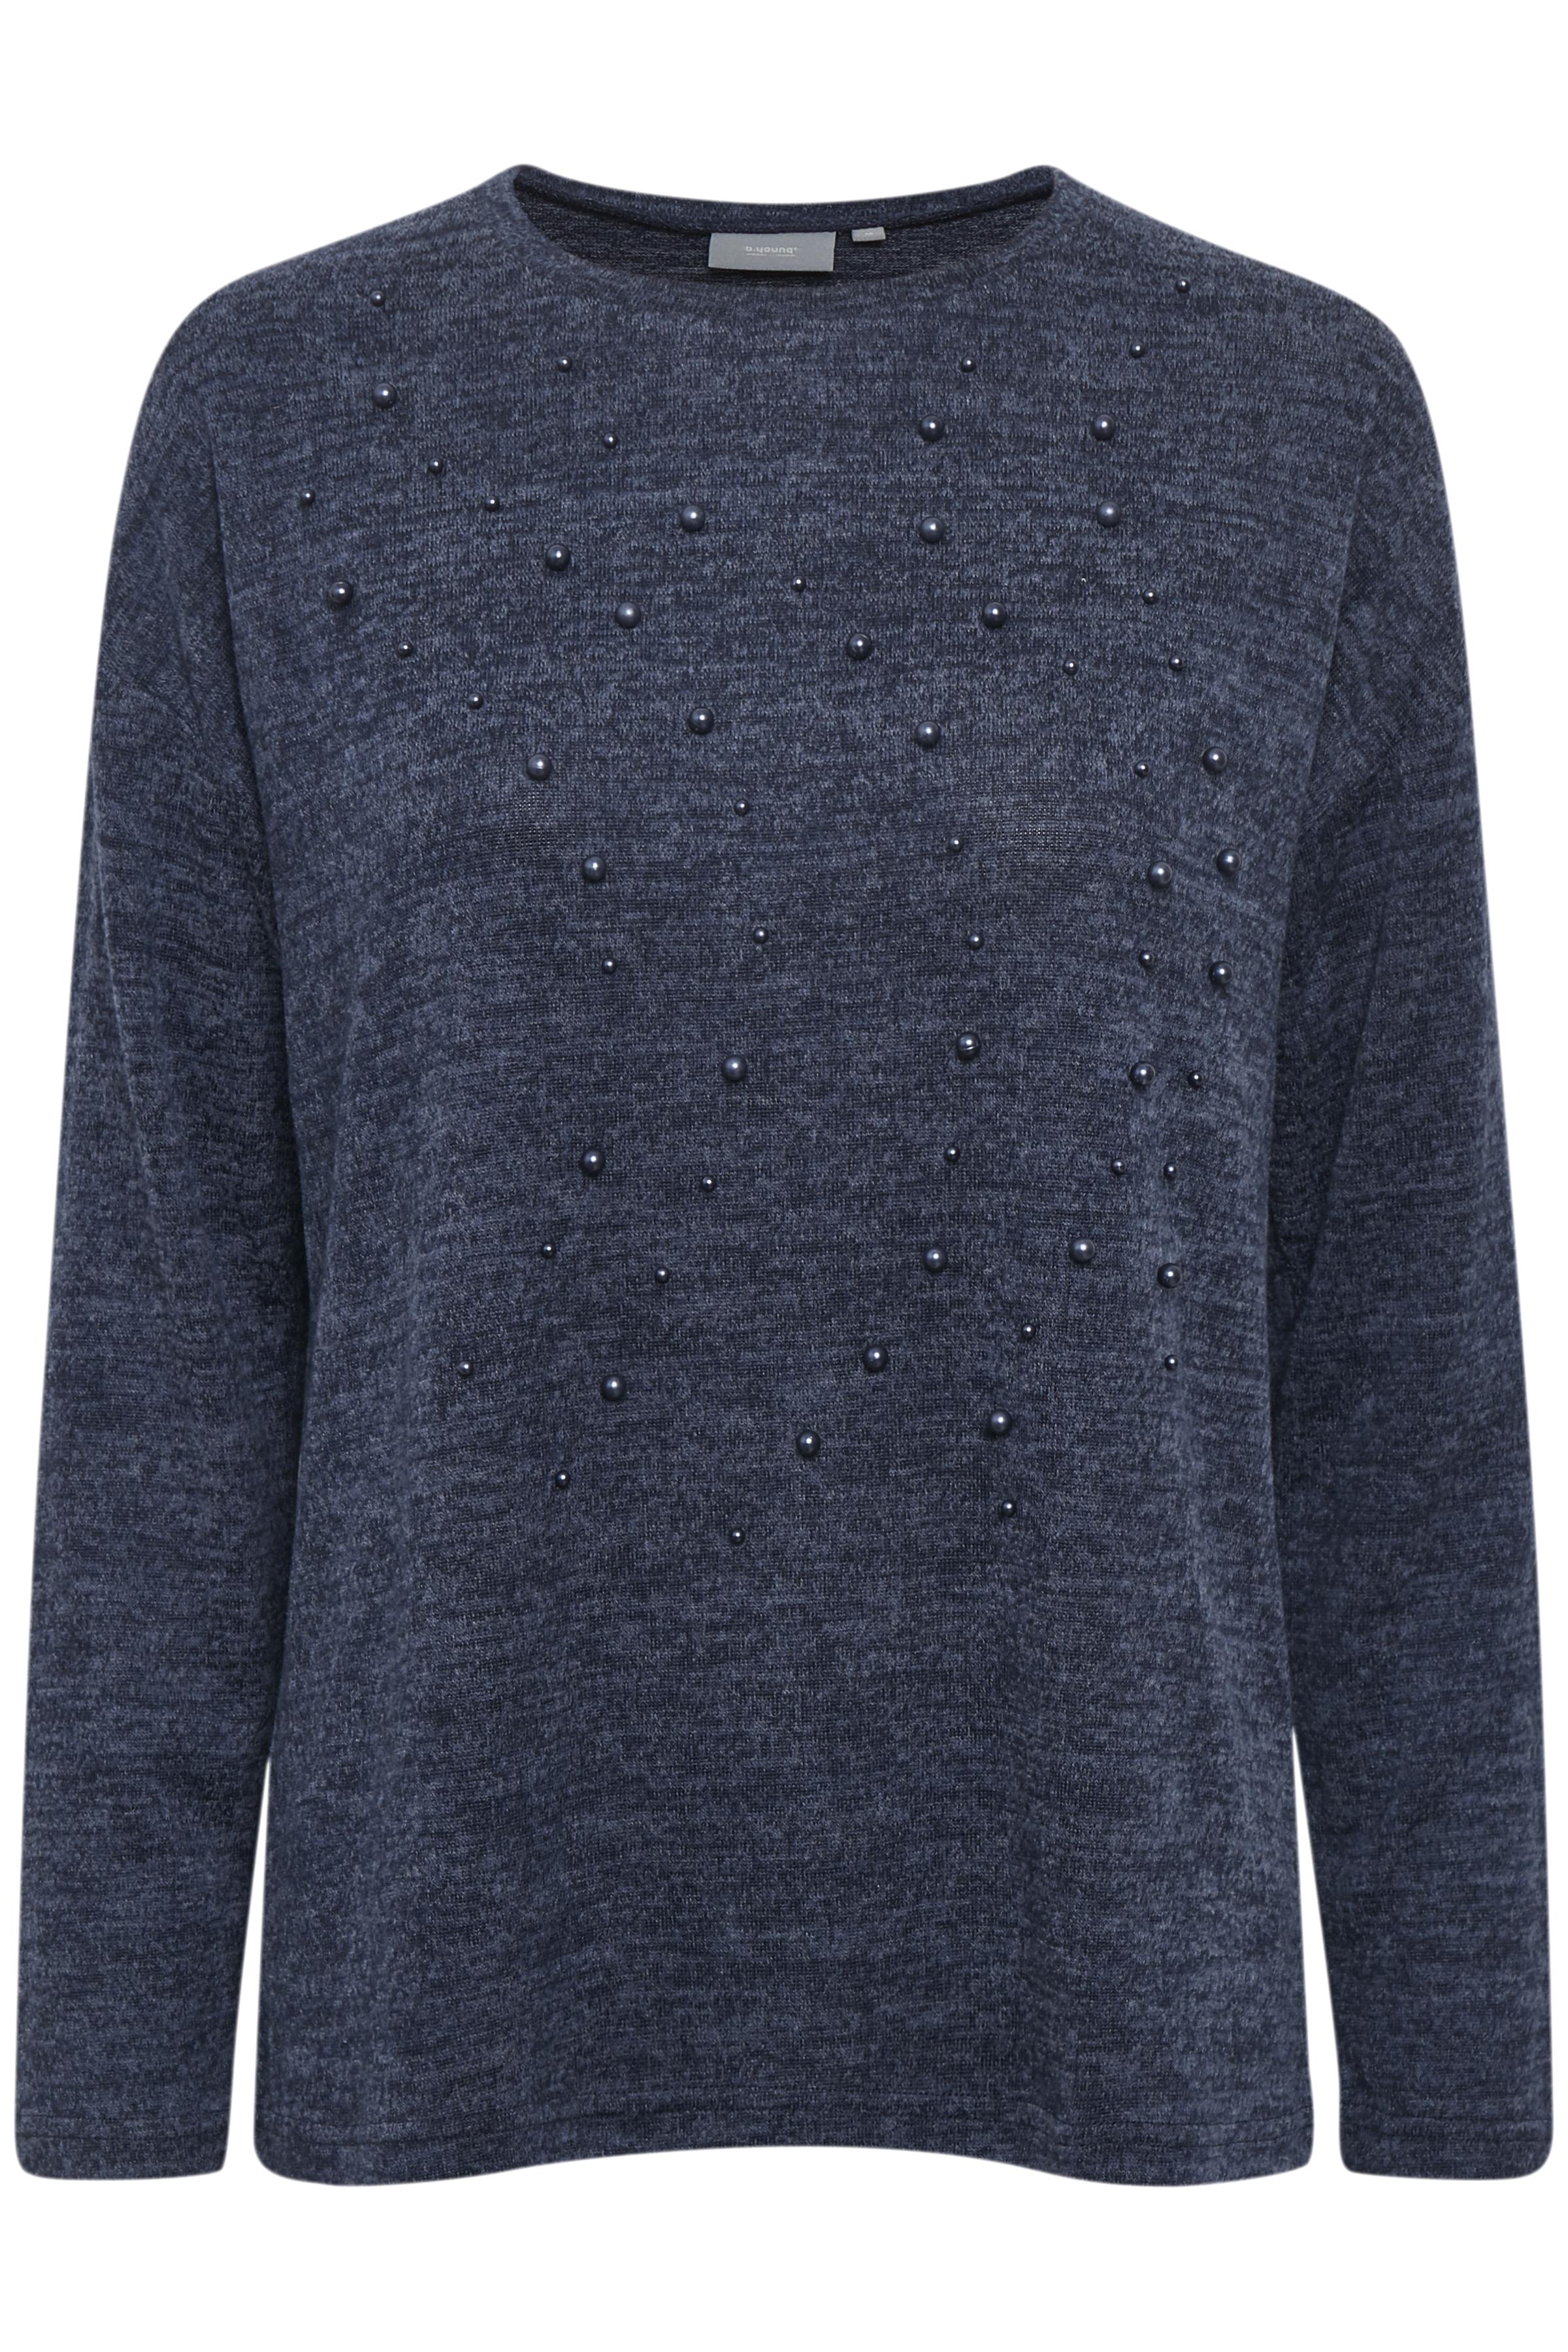 Marinblå melerad Långärmad blus från b.young – Köp Marinblå melerad Långärmad blus från stl. XS-XXL här